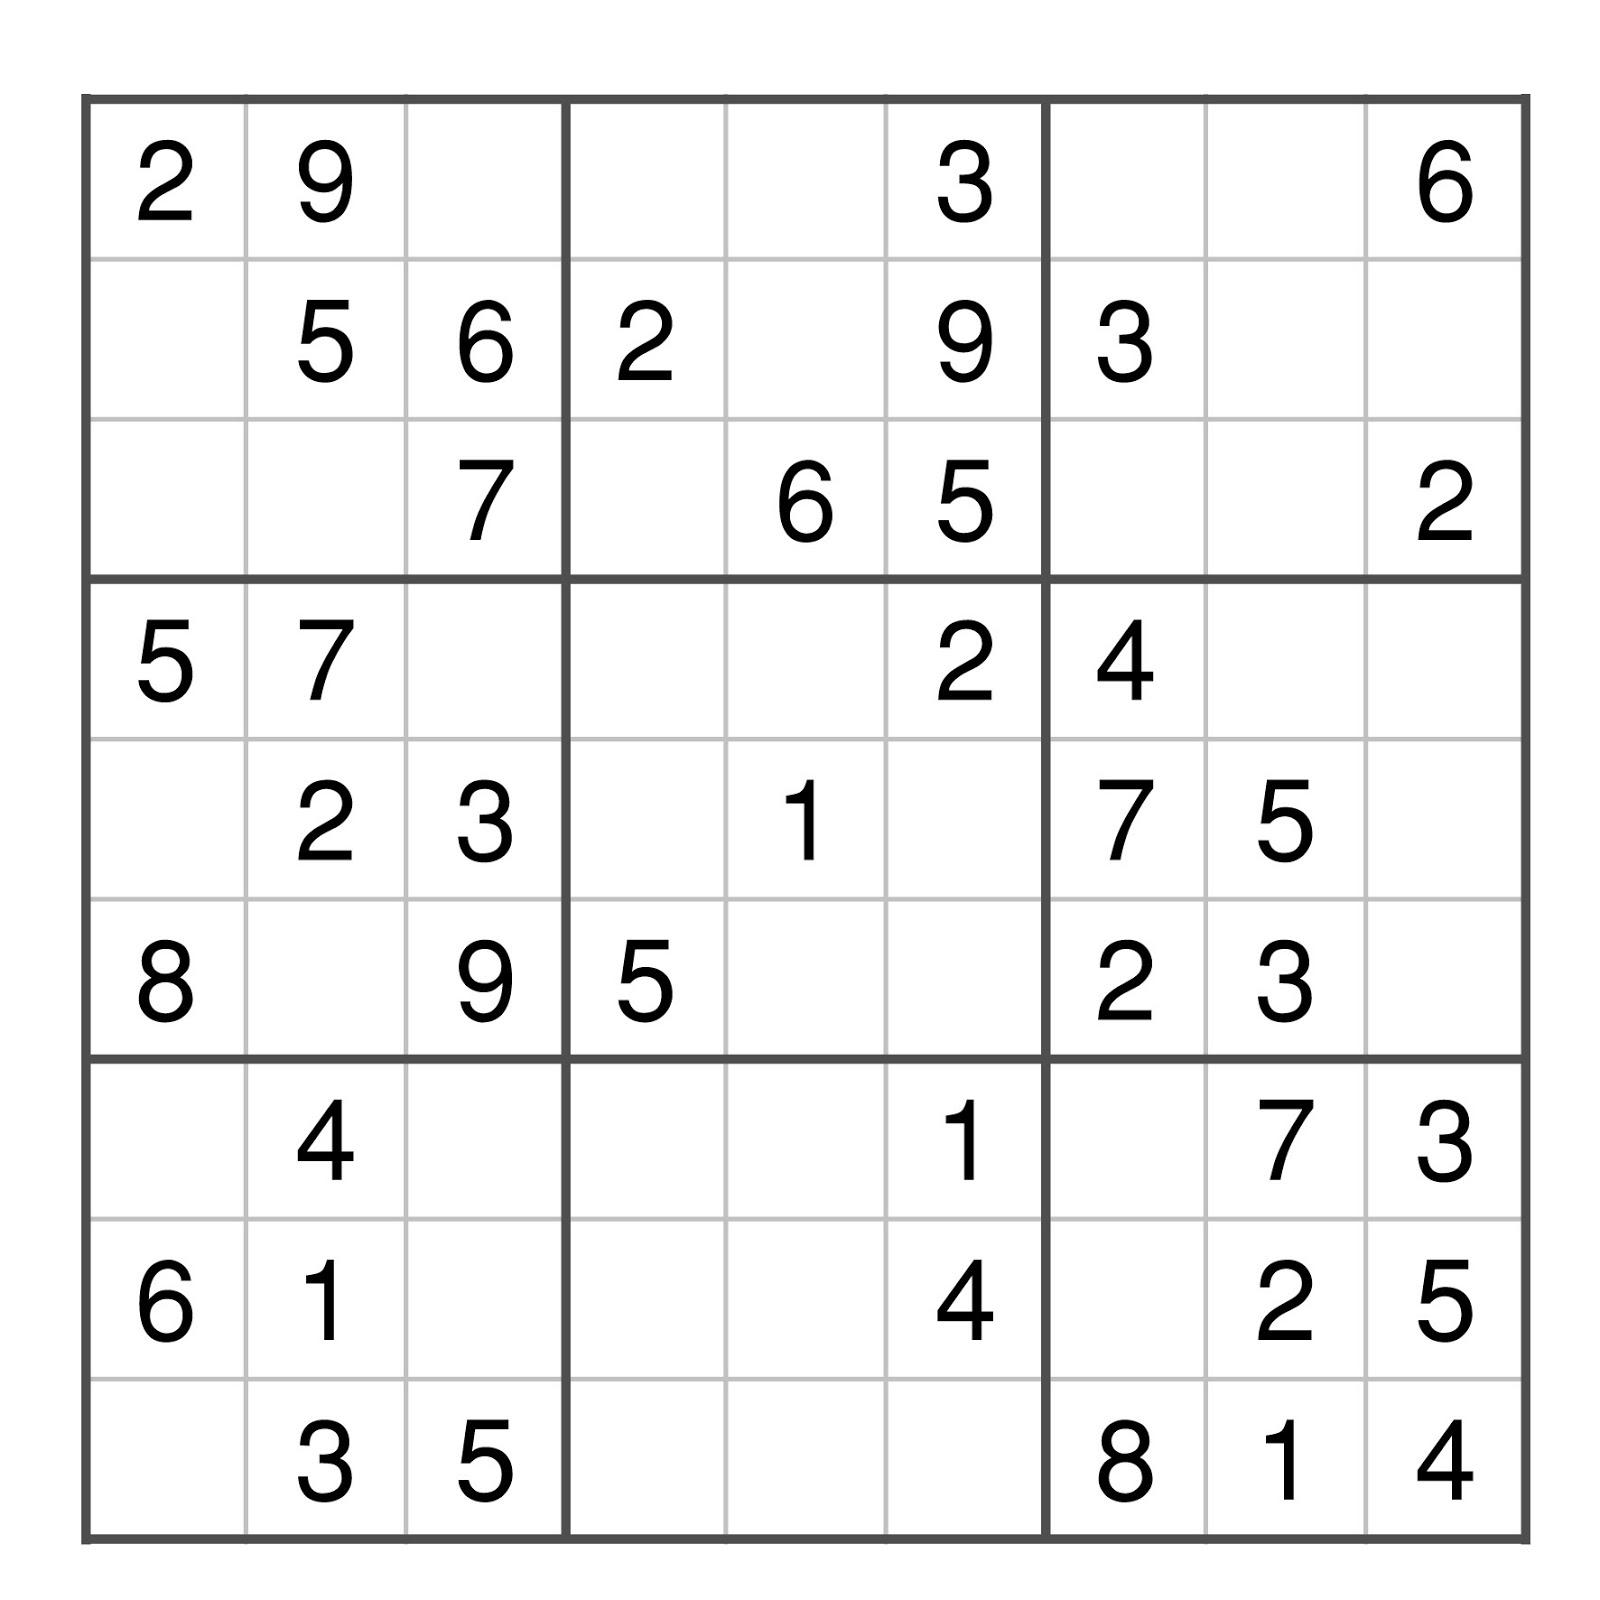 Jeu De Sudoku En Ligne Gratuit dedans Jeux De Mots En Ligne Gratuit